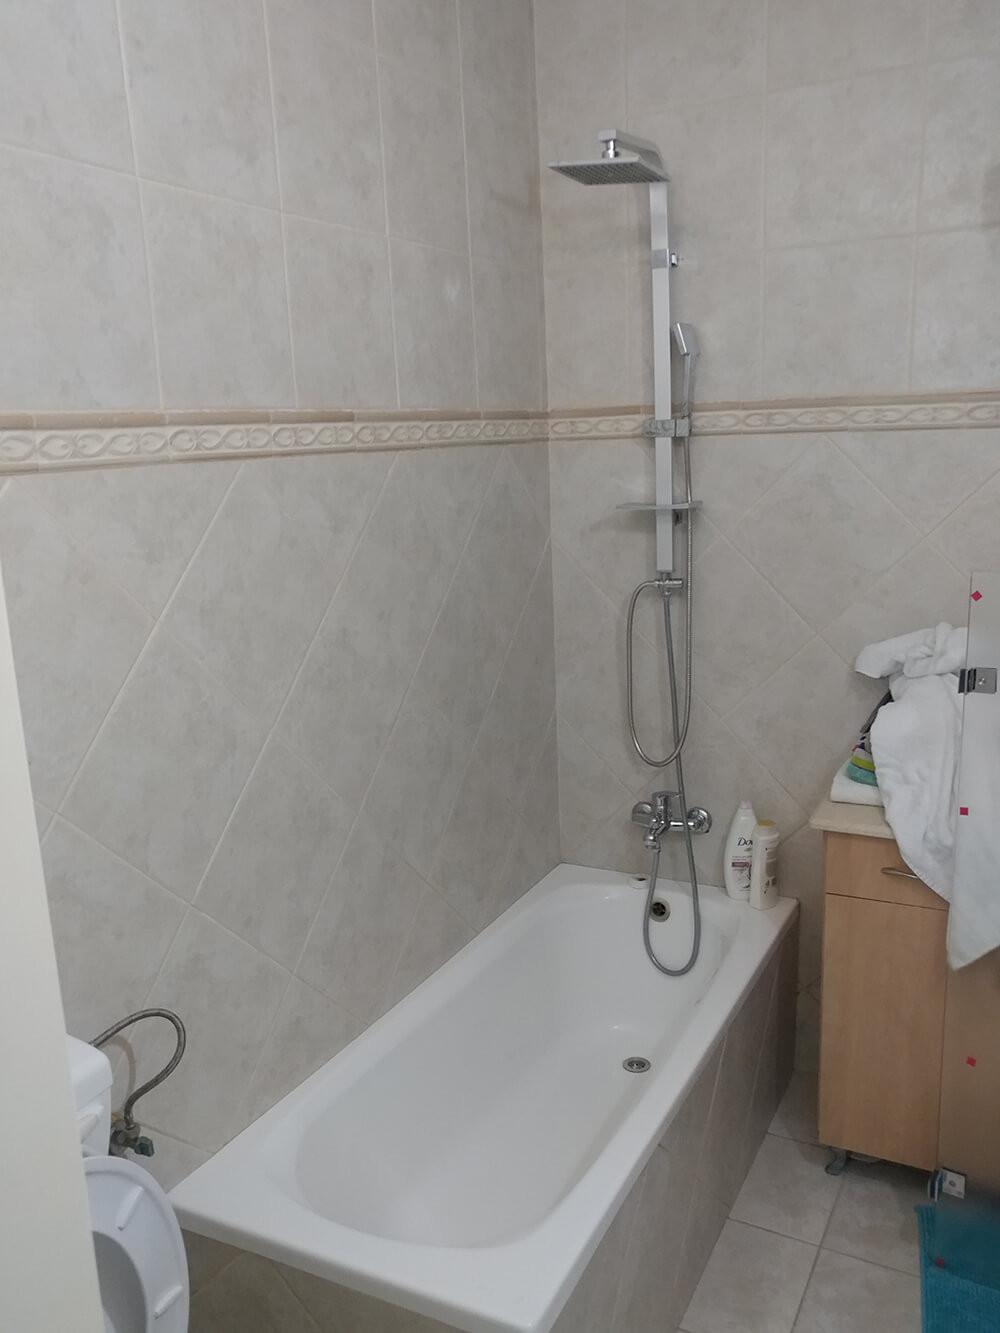 לפני ההתקנה של המקלחון אמבטיה